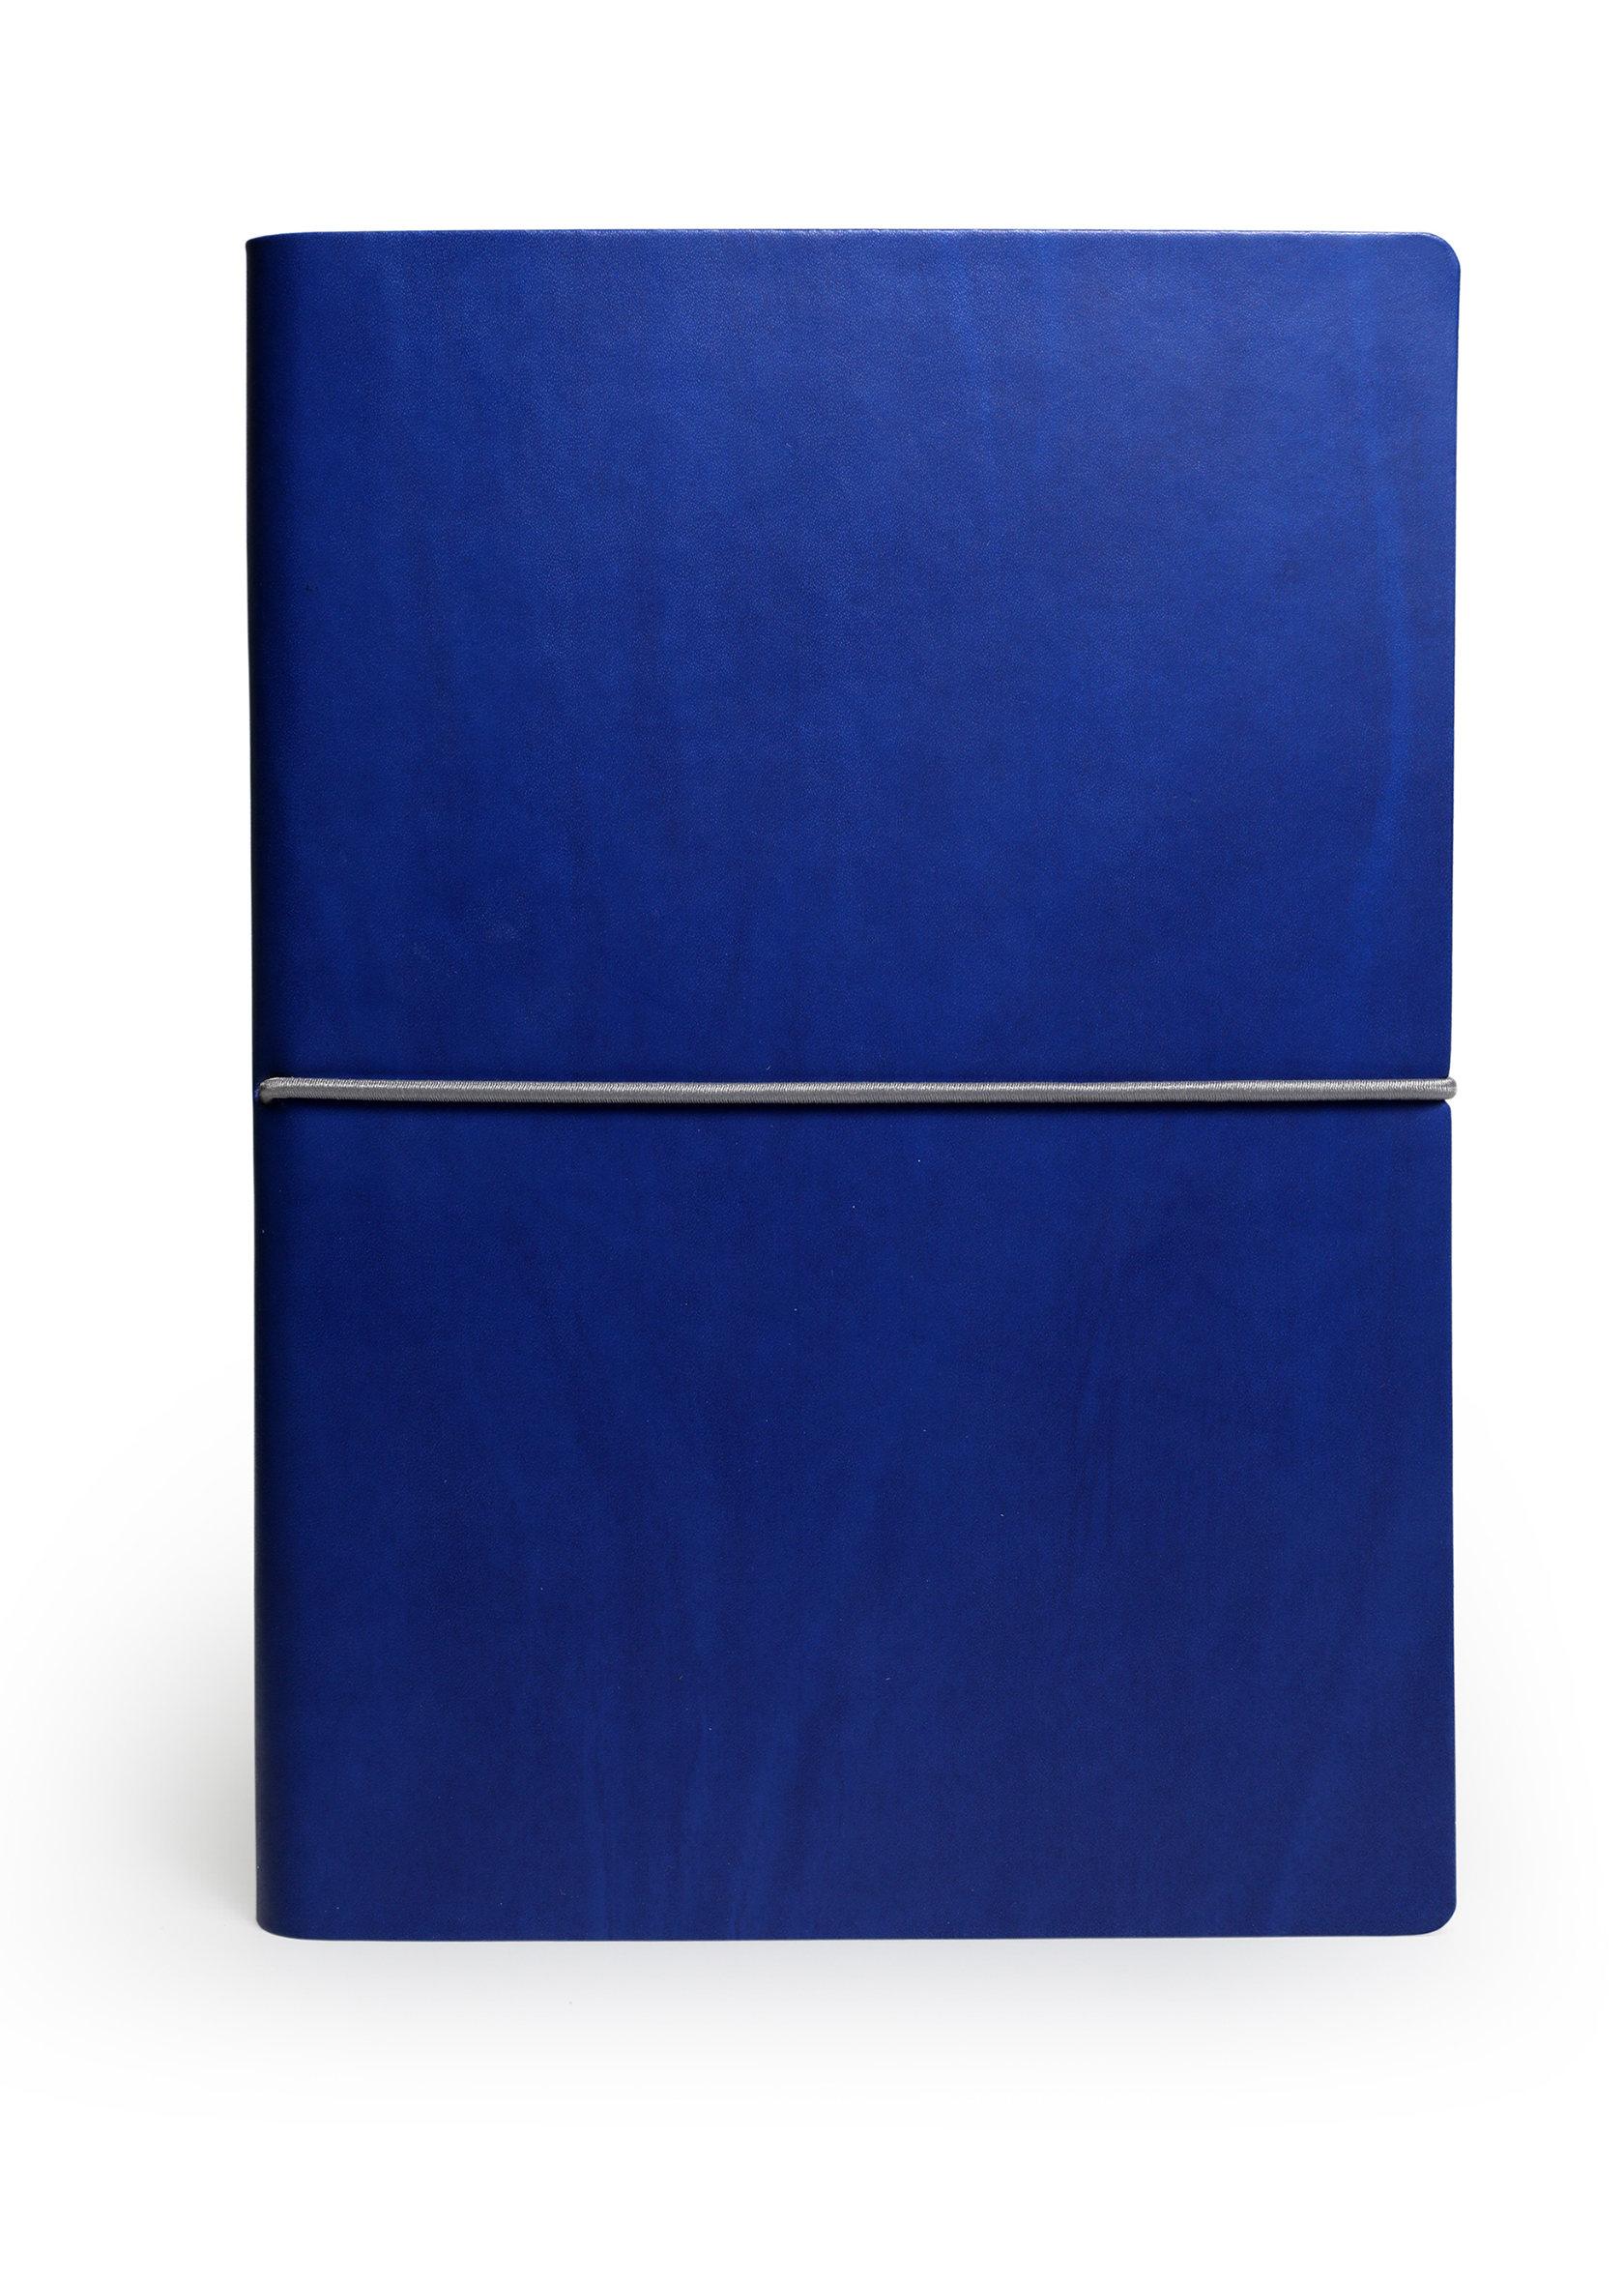 Ciak EVOLVING Notebook